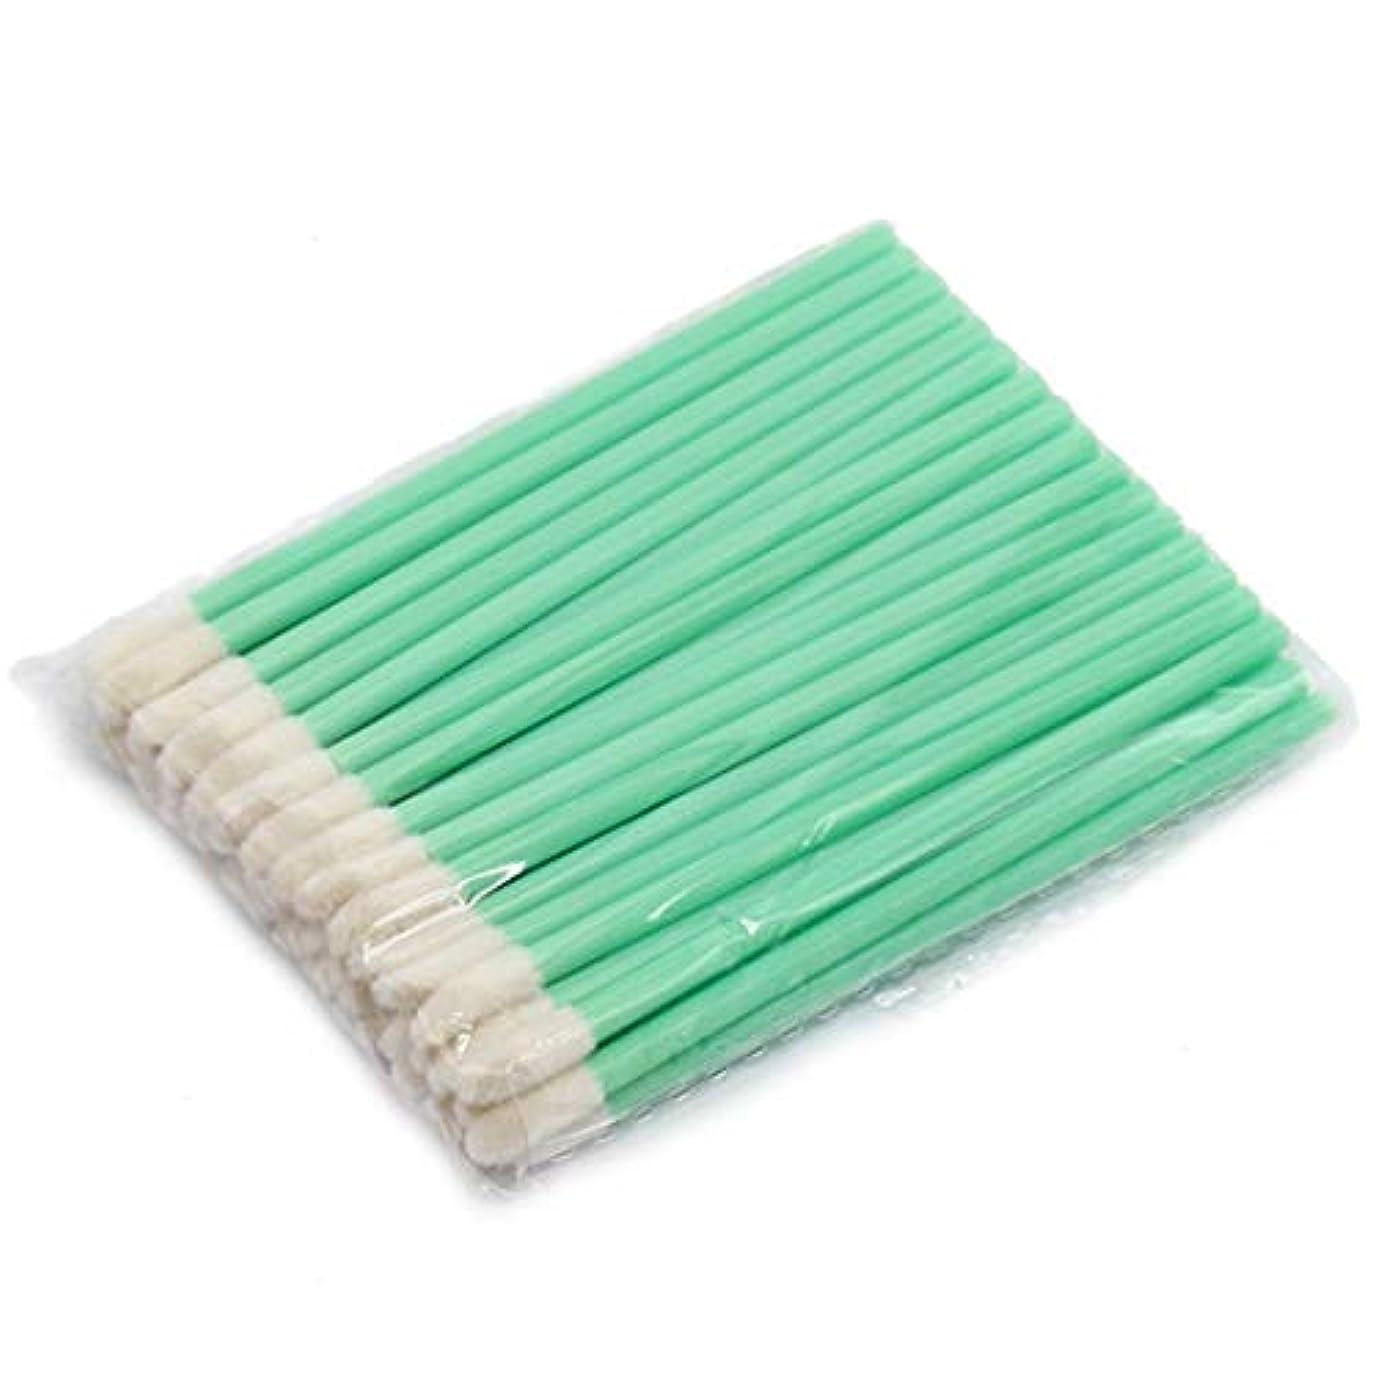 開発する失速憤るMakeup brushes メイクアップ使い捨てリップブラシ口紅グロススティックアプリケーターメイクツールファッションデザイン-グリーン suits (Color : Green)